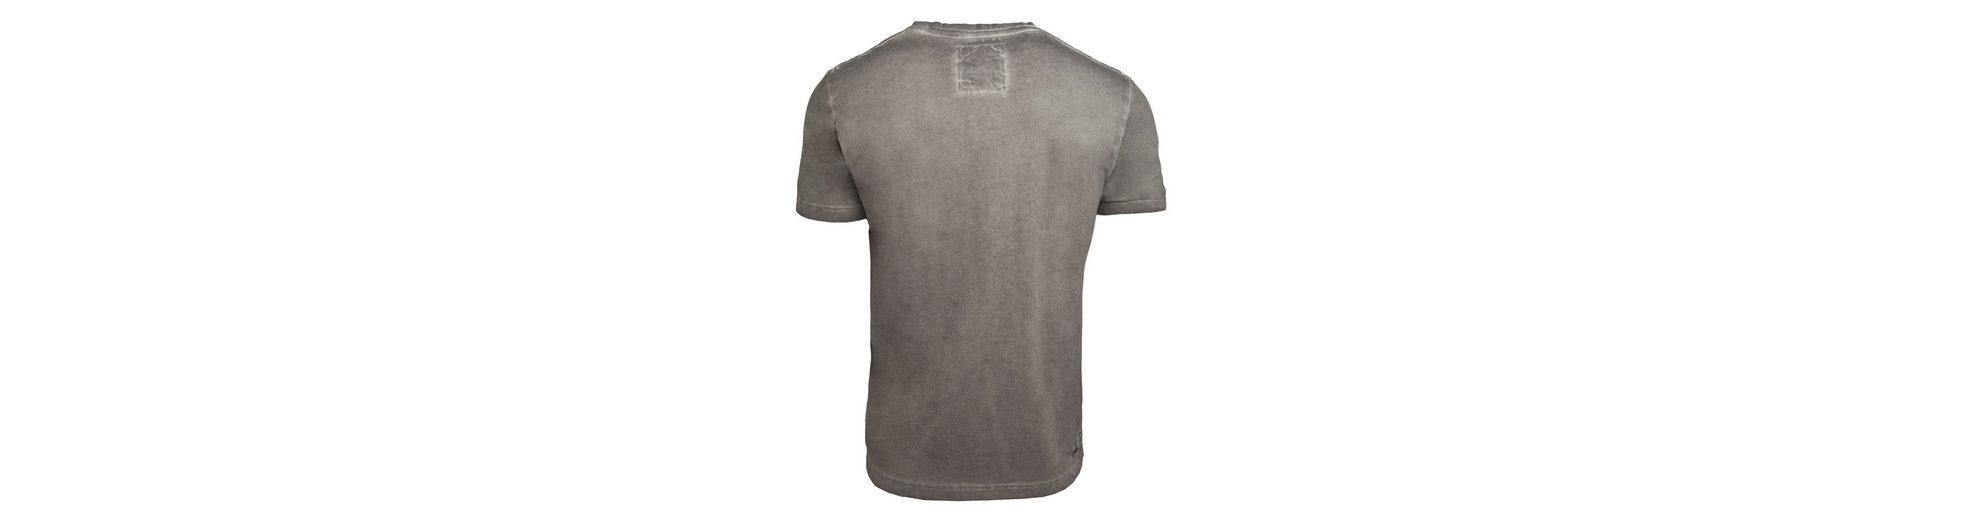 Mit Mastercard Günstigem Preis Authentischer Online-Verkauf Goodyear T-Shirt BEAUFORT Aus Deutschland Niedrig Versandkosten NKAcDGR591